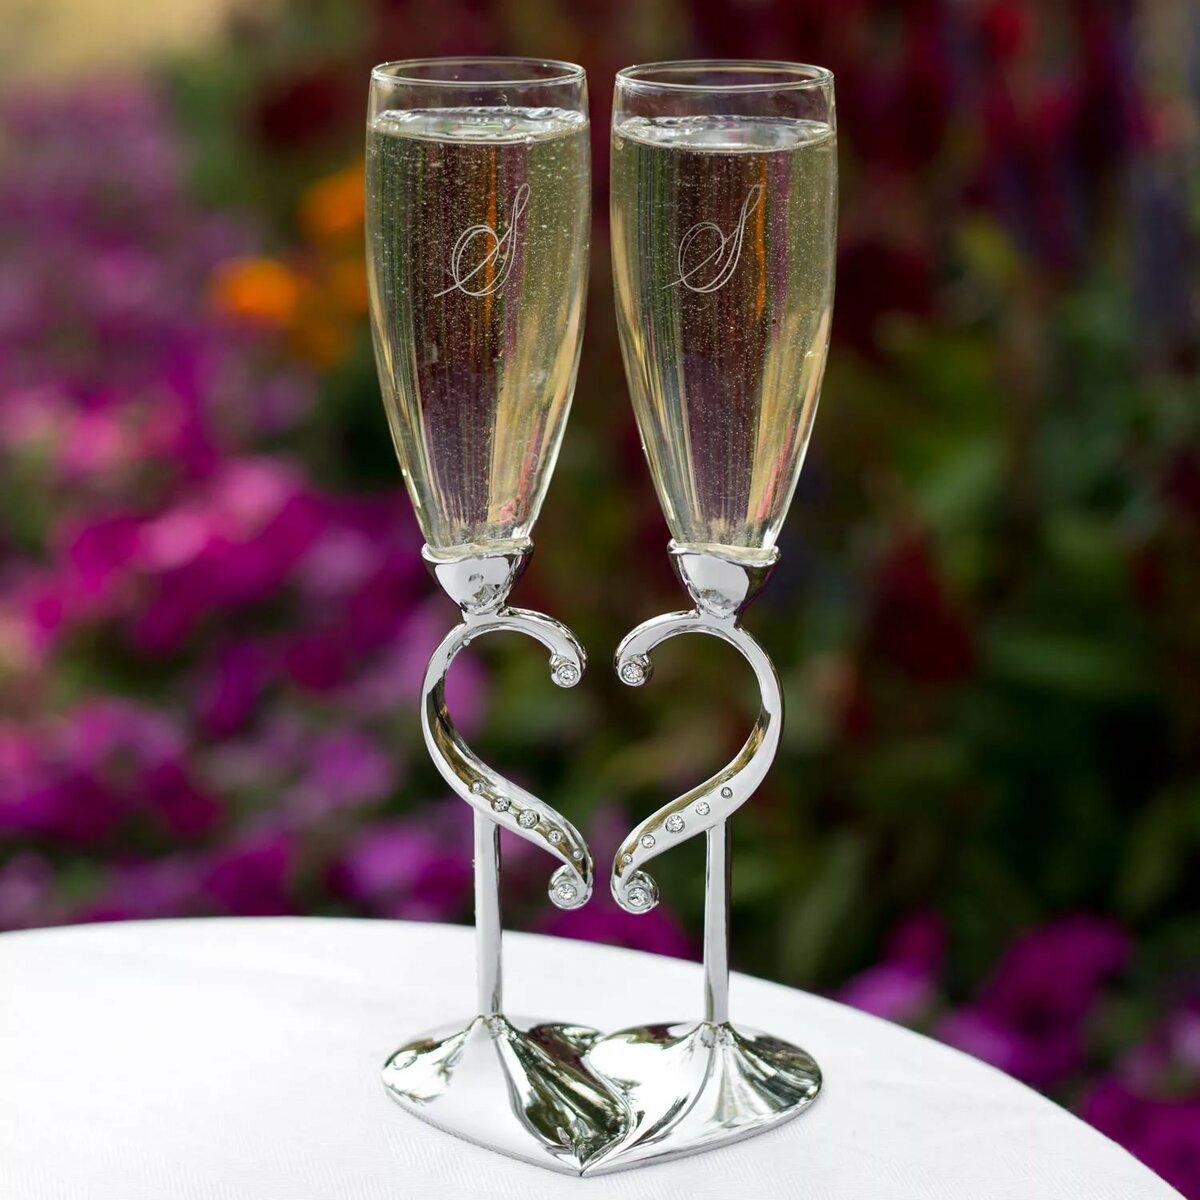 осенними свадьба фото с бокалами после окончания